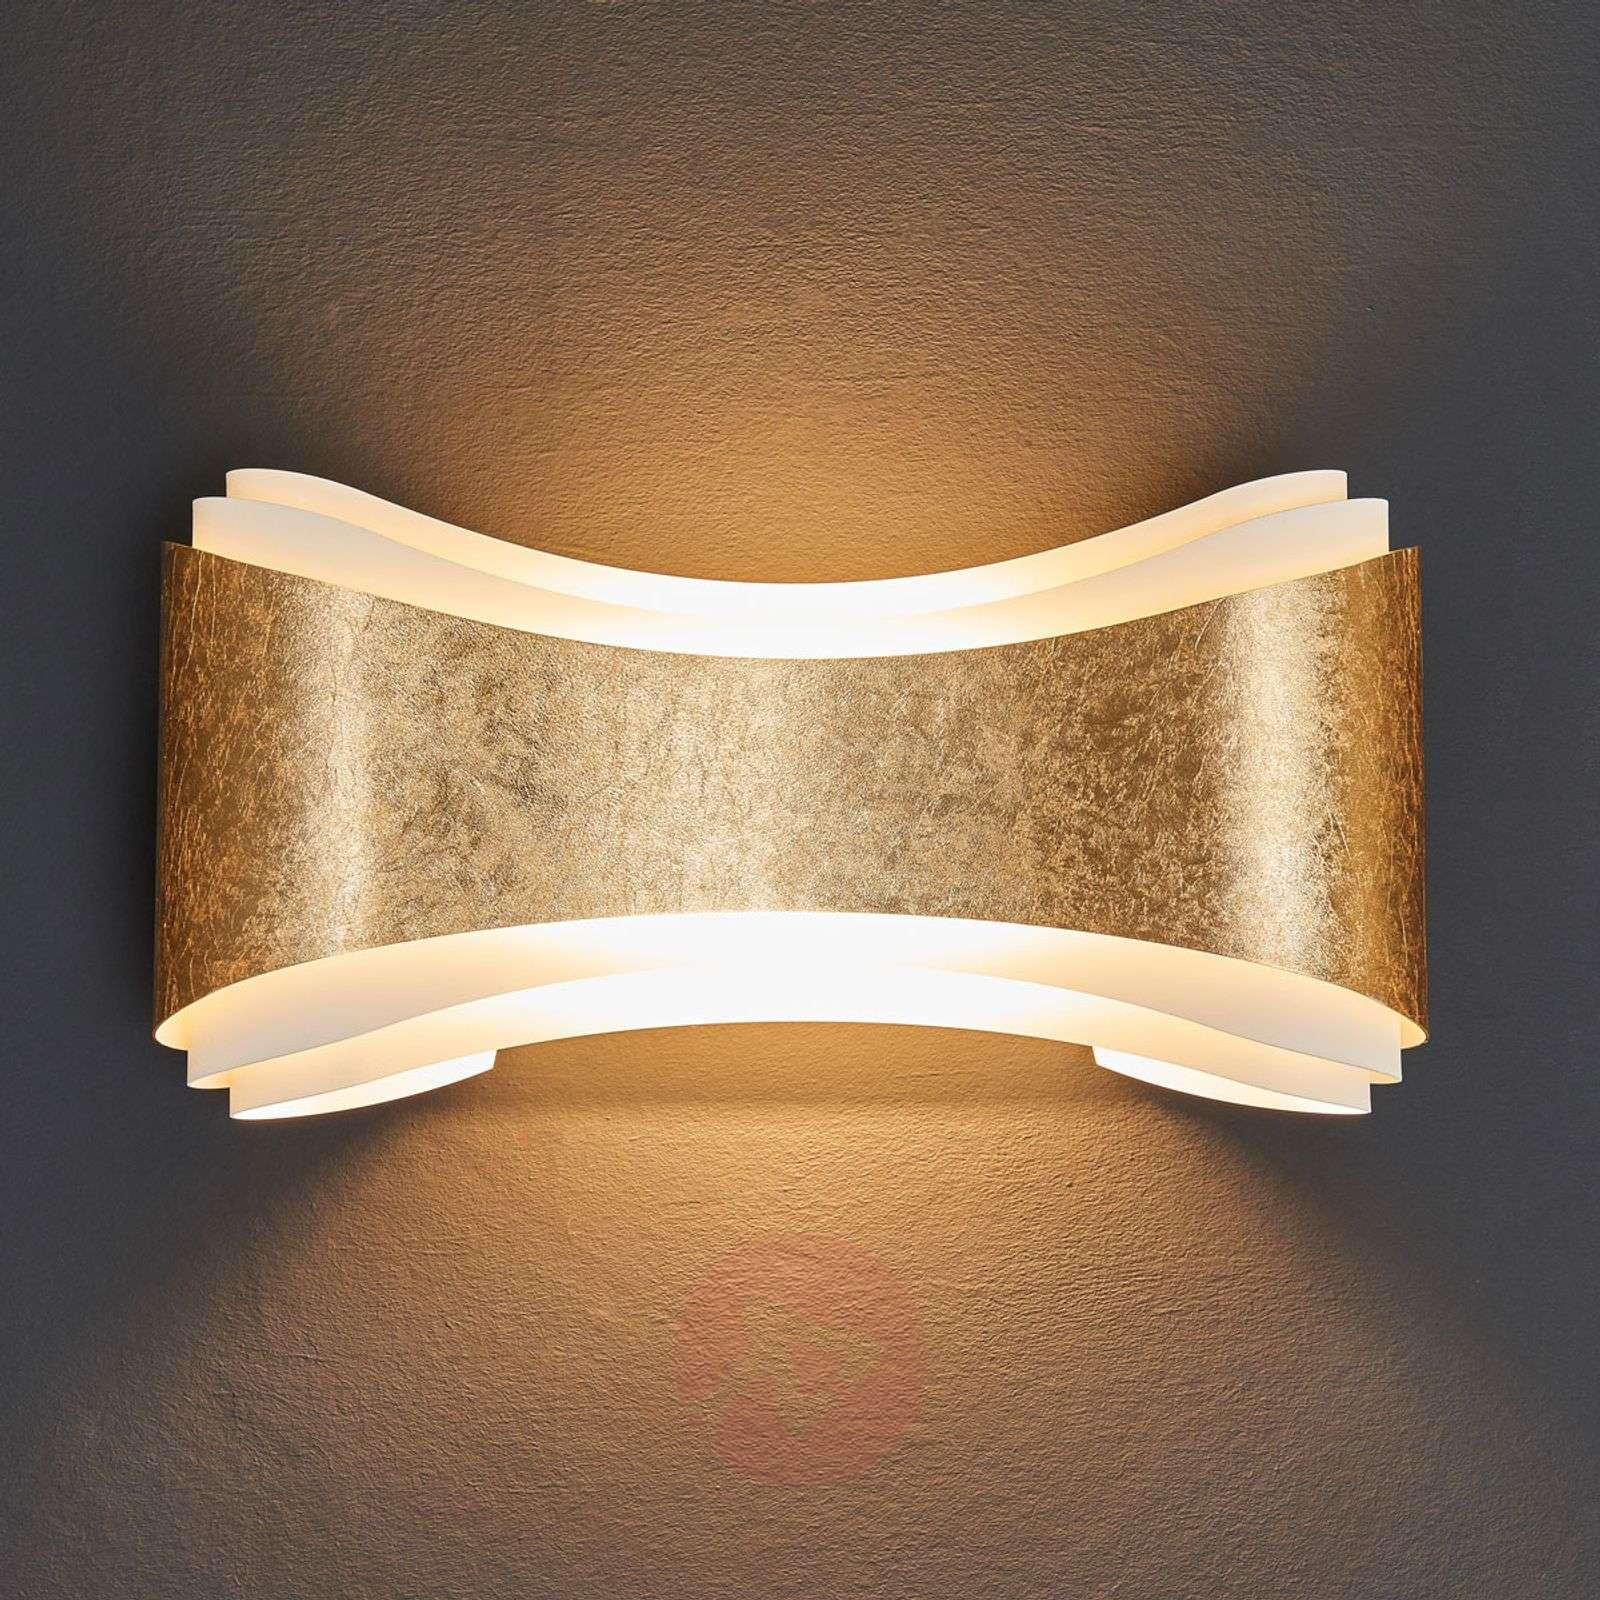 Upea Ionica-design-seinävalaisin, kultaraita-8525691-01